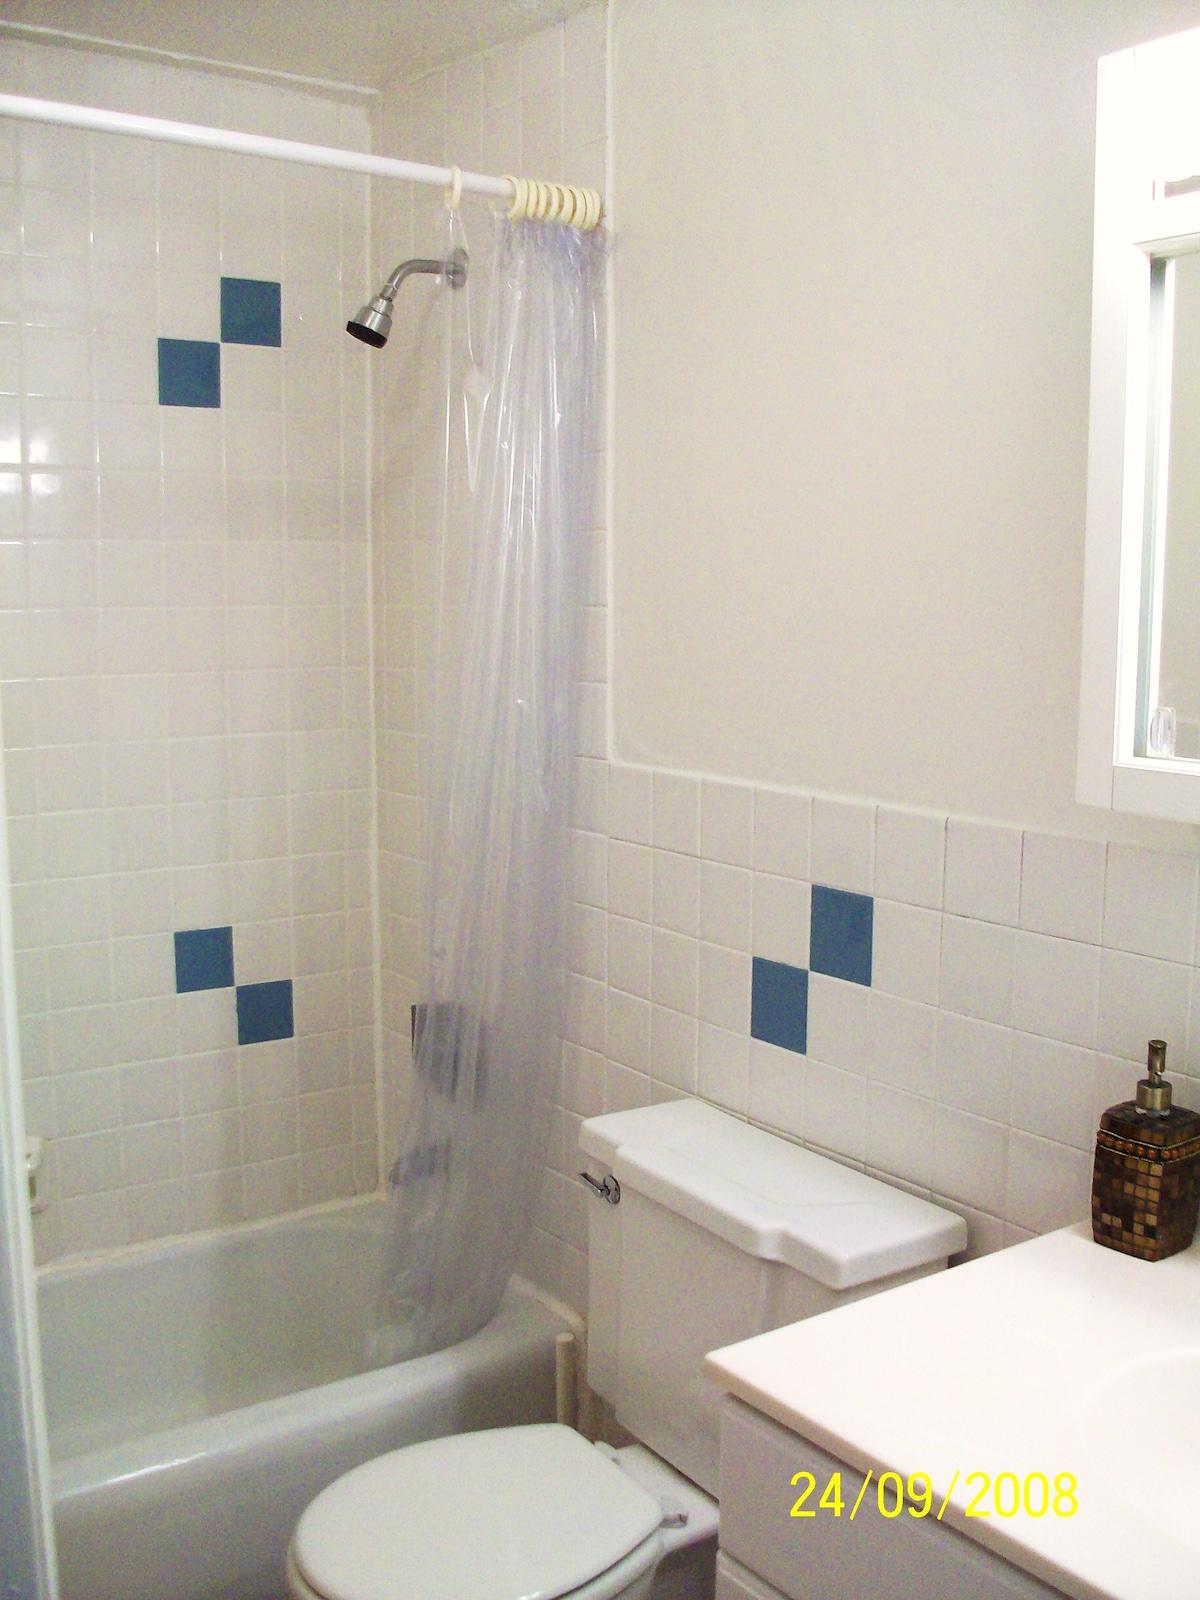 Modern Tiled Bathroom w/ Full Bathtub & Shower.